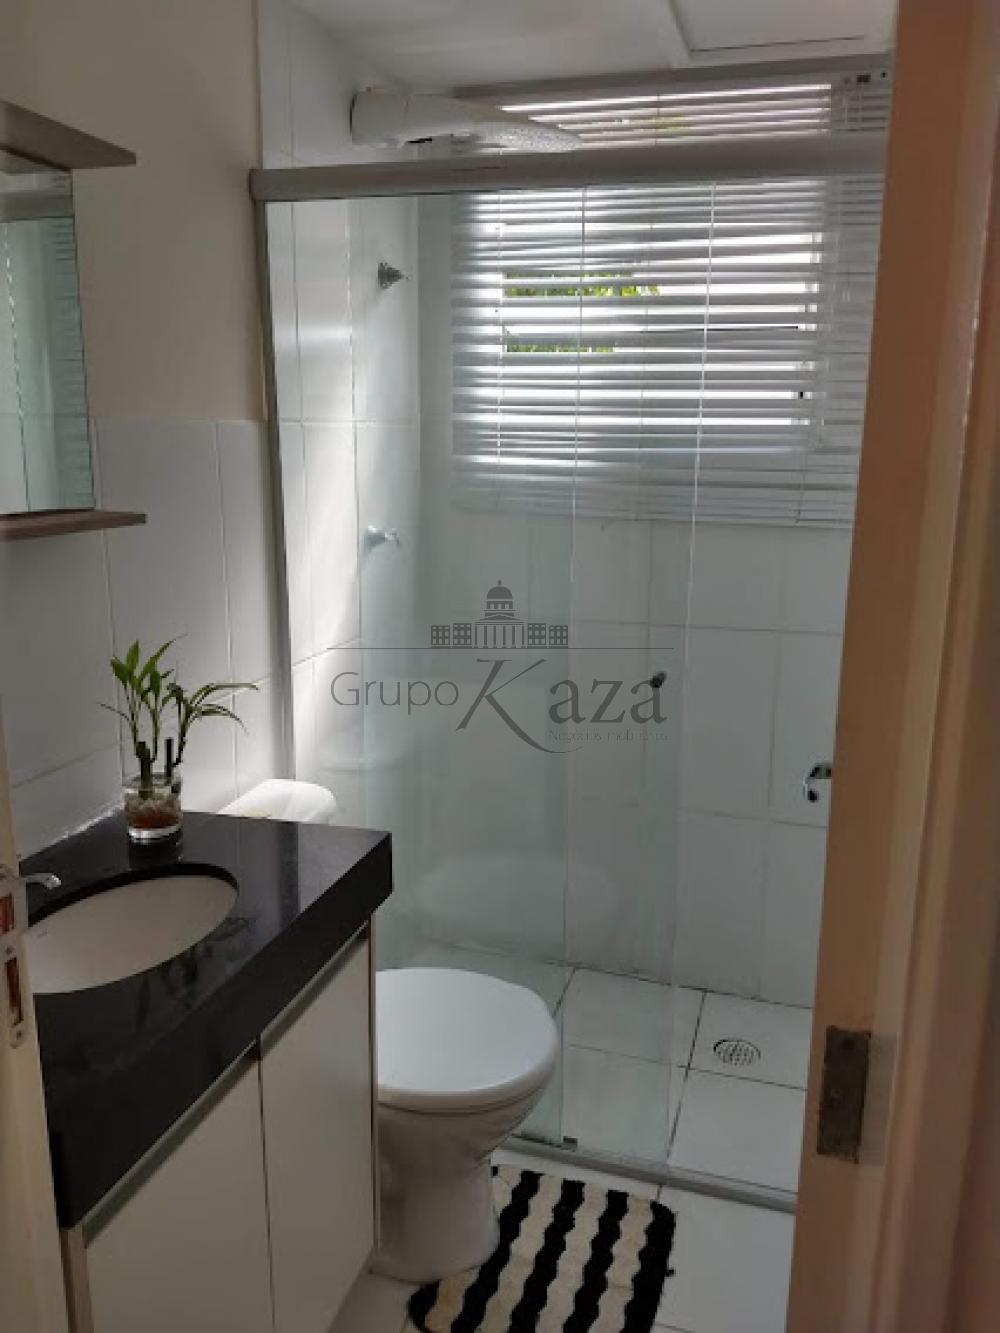 alt='Comprar Apartamento / Padrão em São José dos Campos R$ 188.000,00 - Foto 3' title='Comprar Apartamento / Padrão em São José dos Campos R$ 188.000,00 - Foto 3'